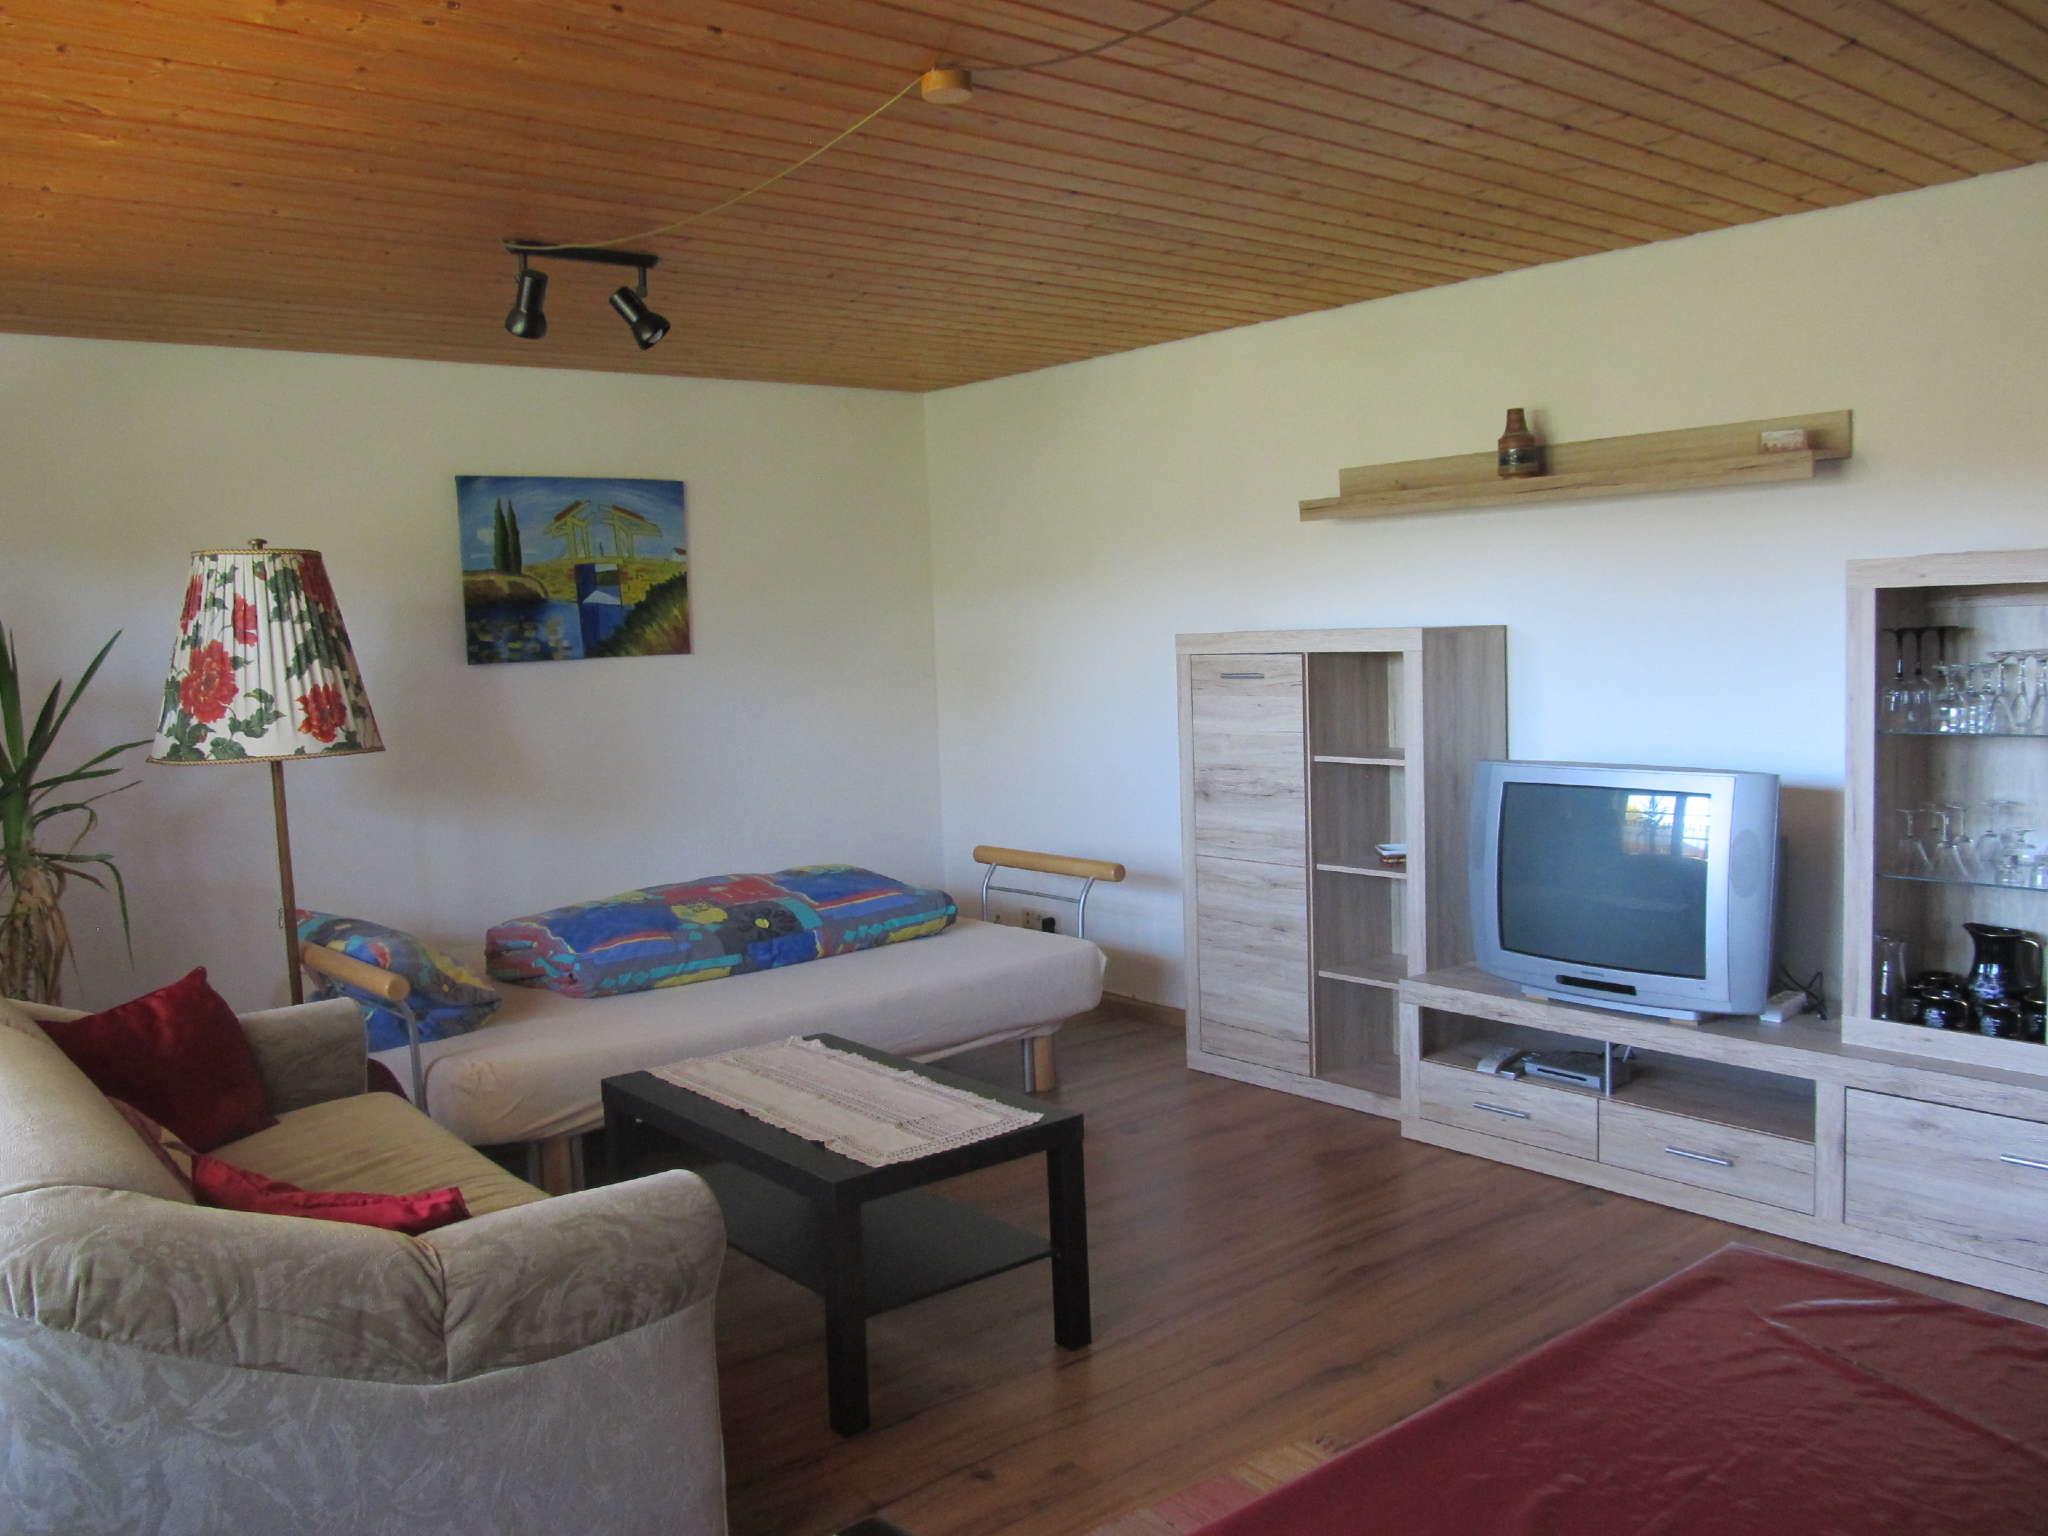 Wohnzimmer mit zusätzlicher Schlafcouch